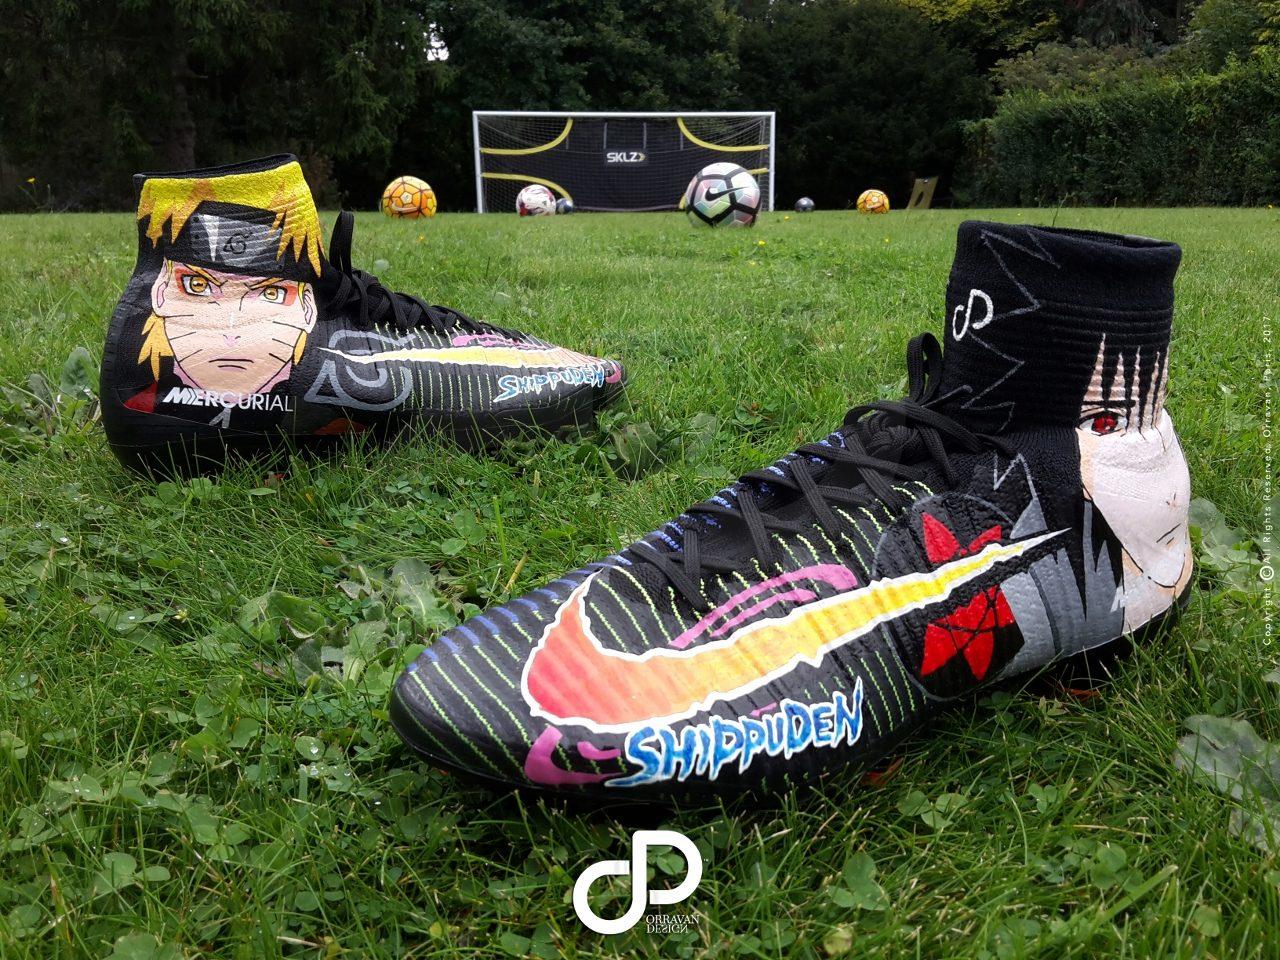 Ser Espere retroceder  Des chaussures Nike Mercurial inspirées de l'univers des mangas